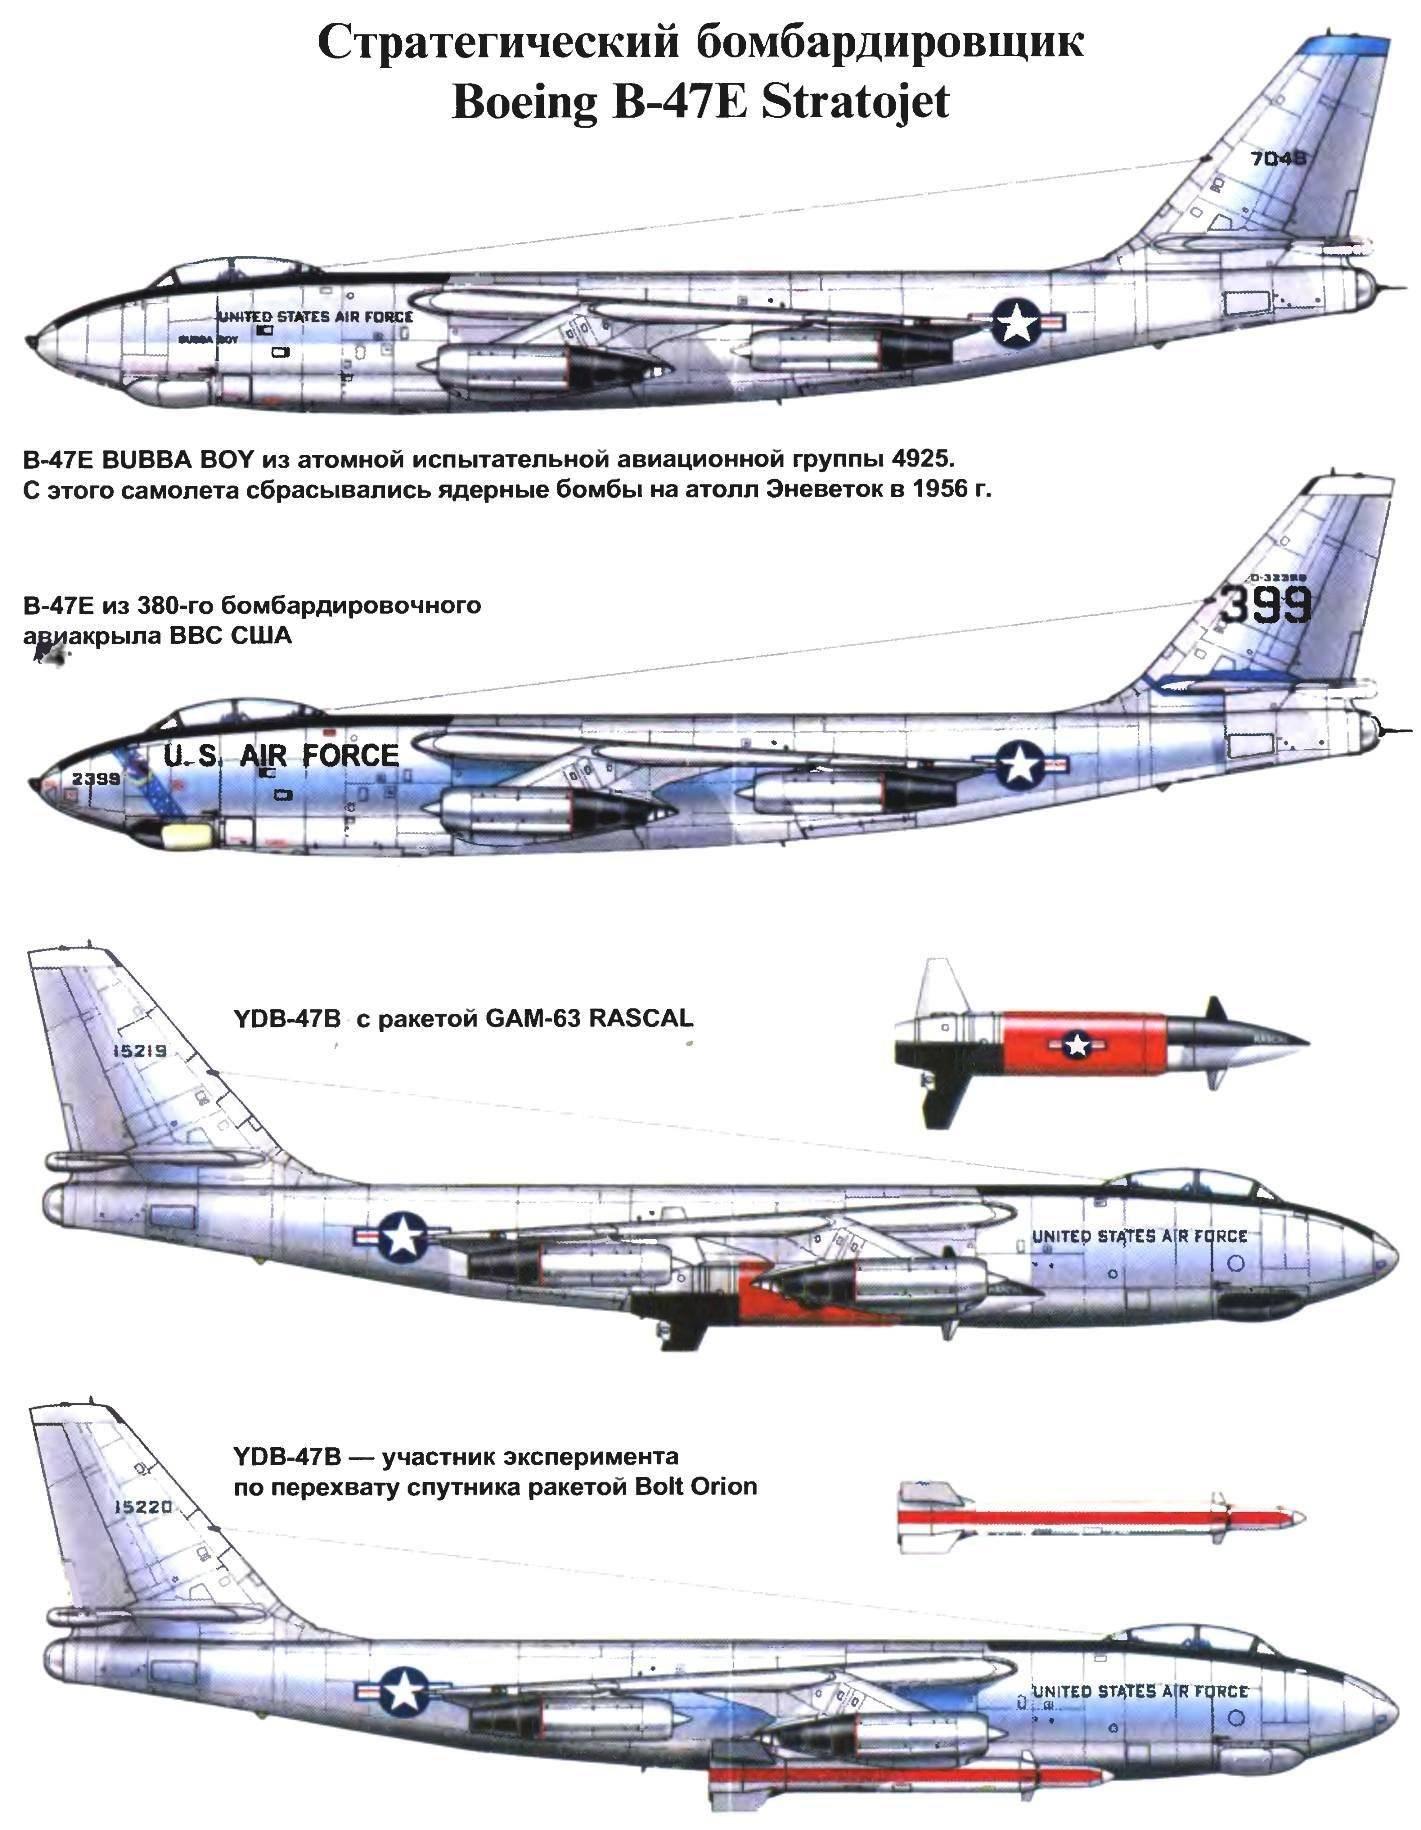 Boeing b-47 stratojet — википедия с видео // wiki 2